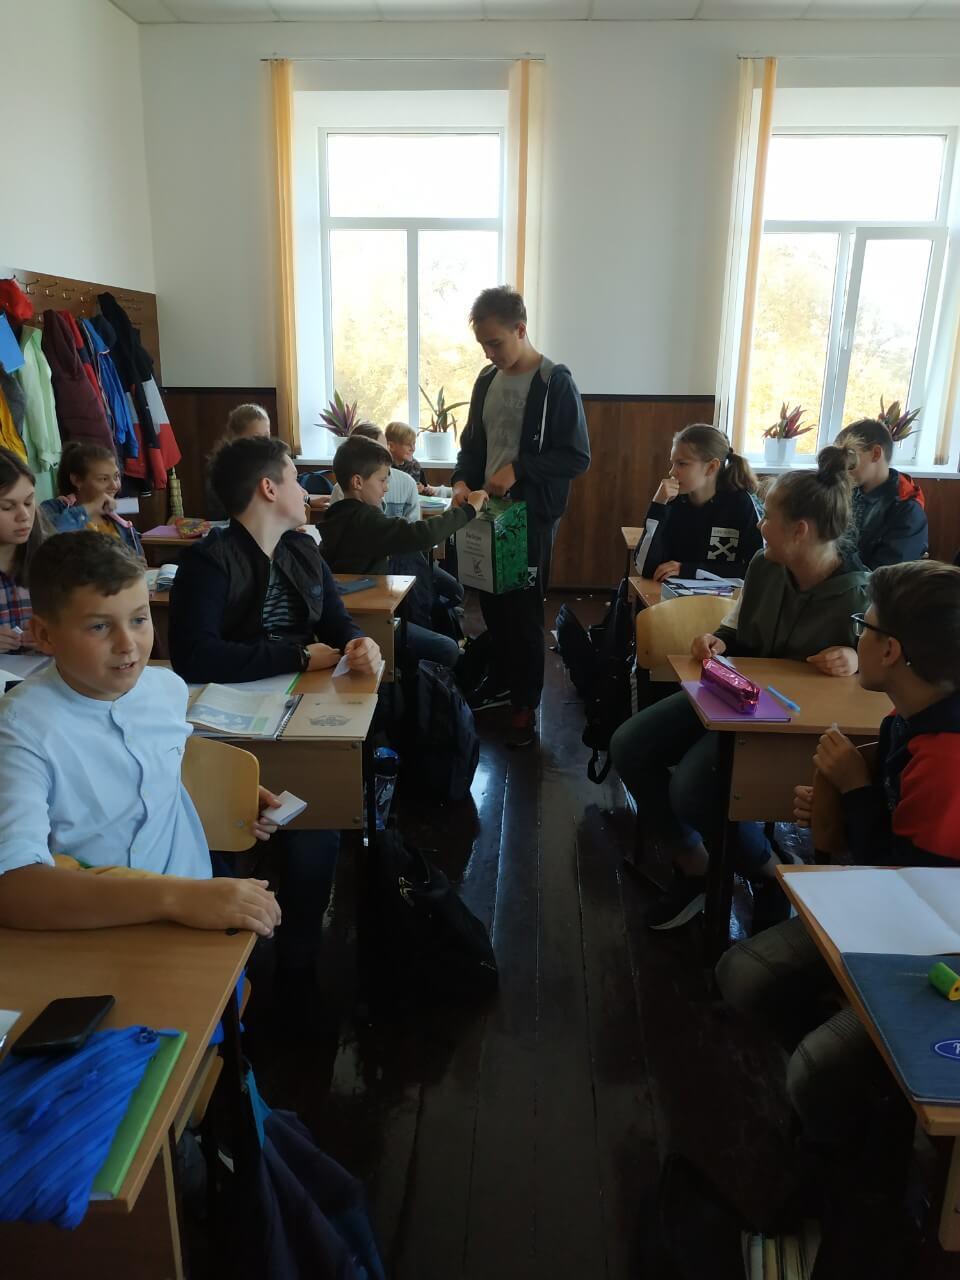 zobrazhennya viber 2019 09 25 16 09 58 - Вибори президента учнівського самоврядування